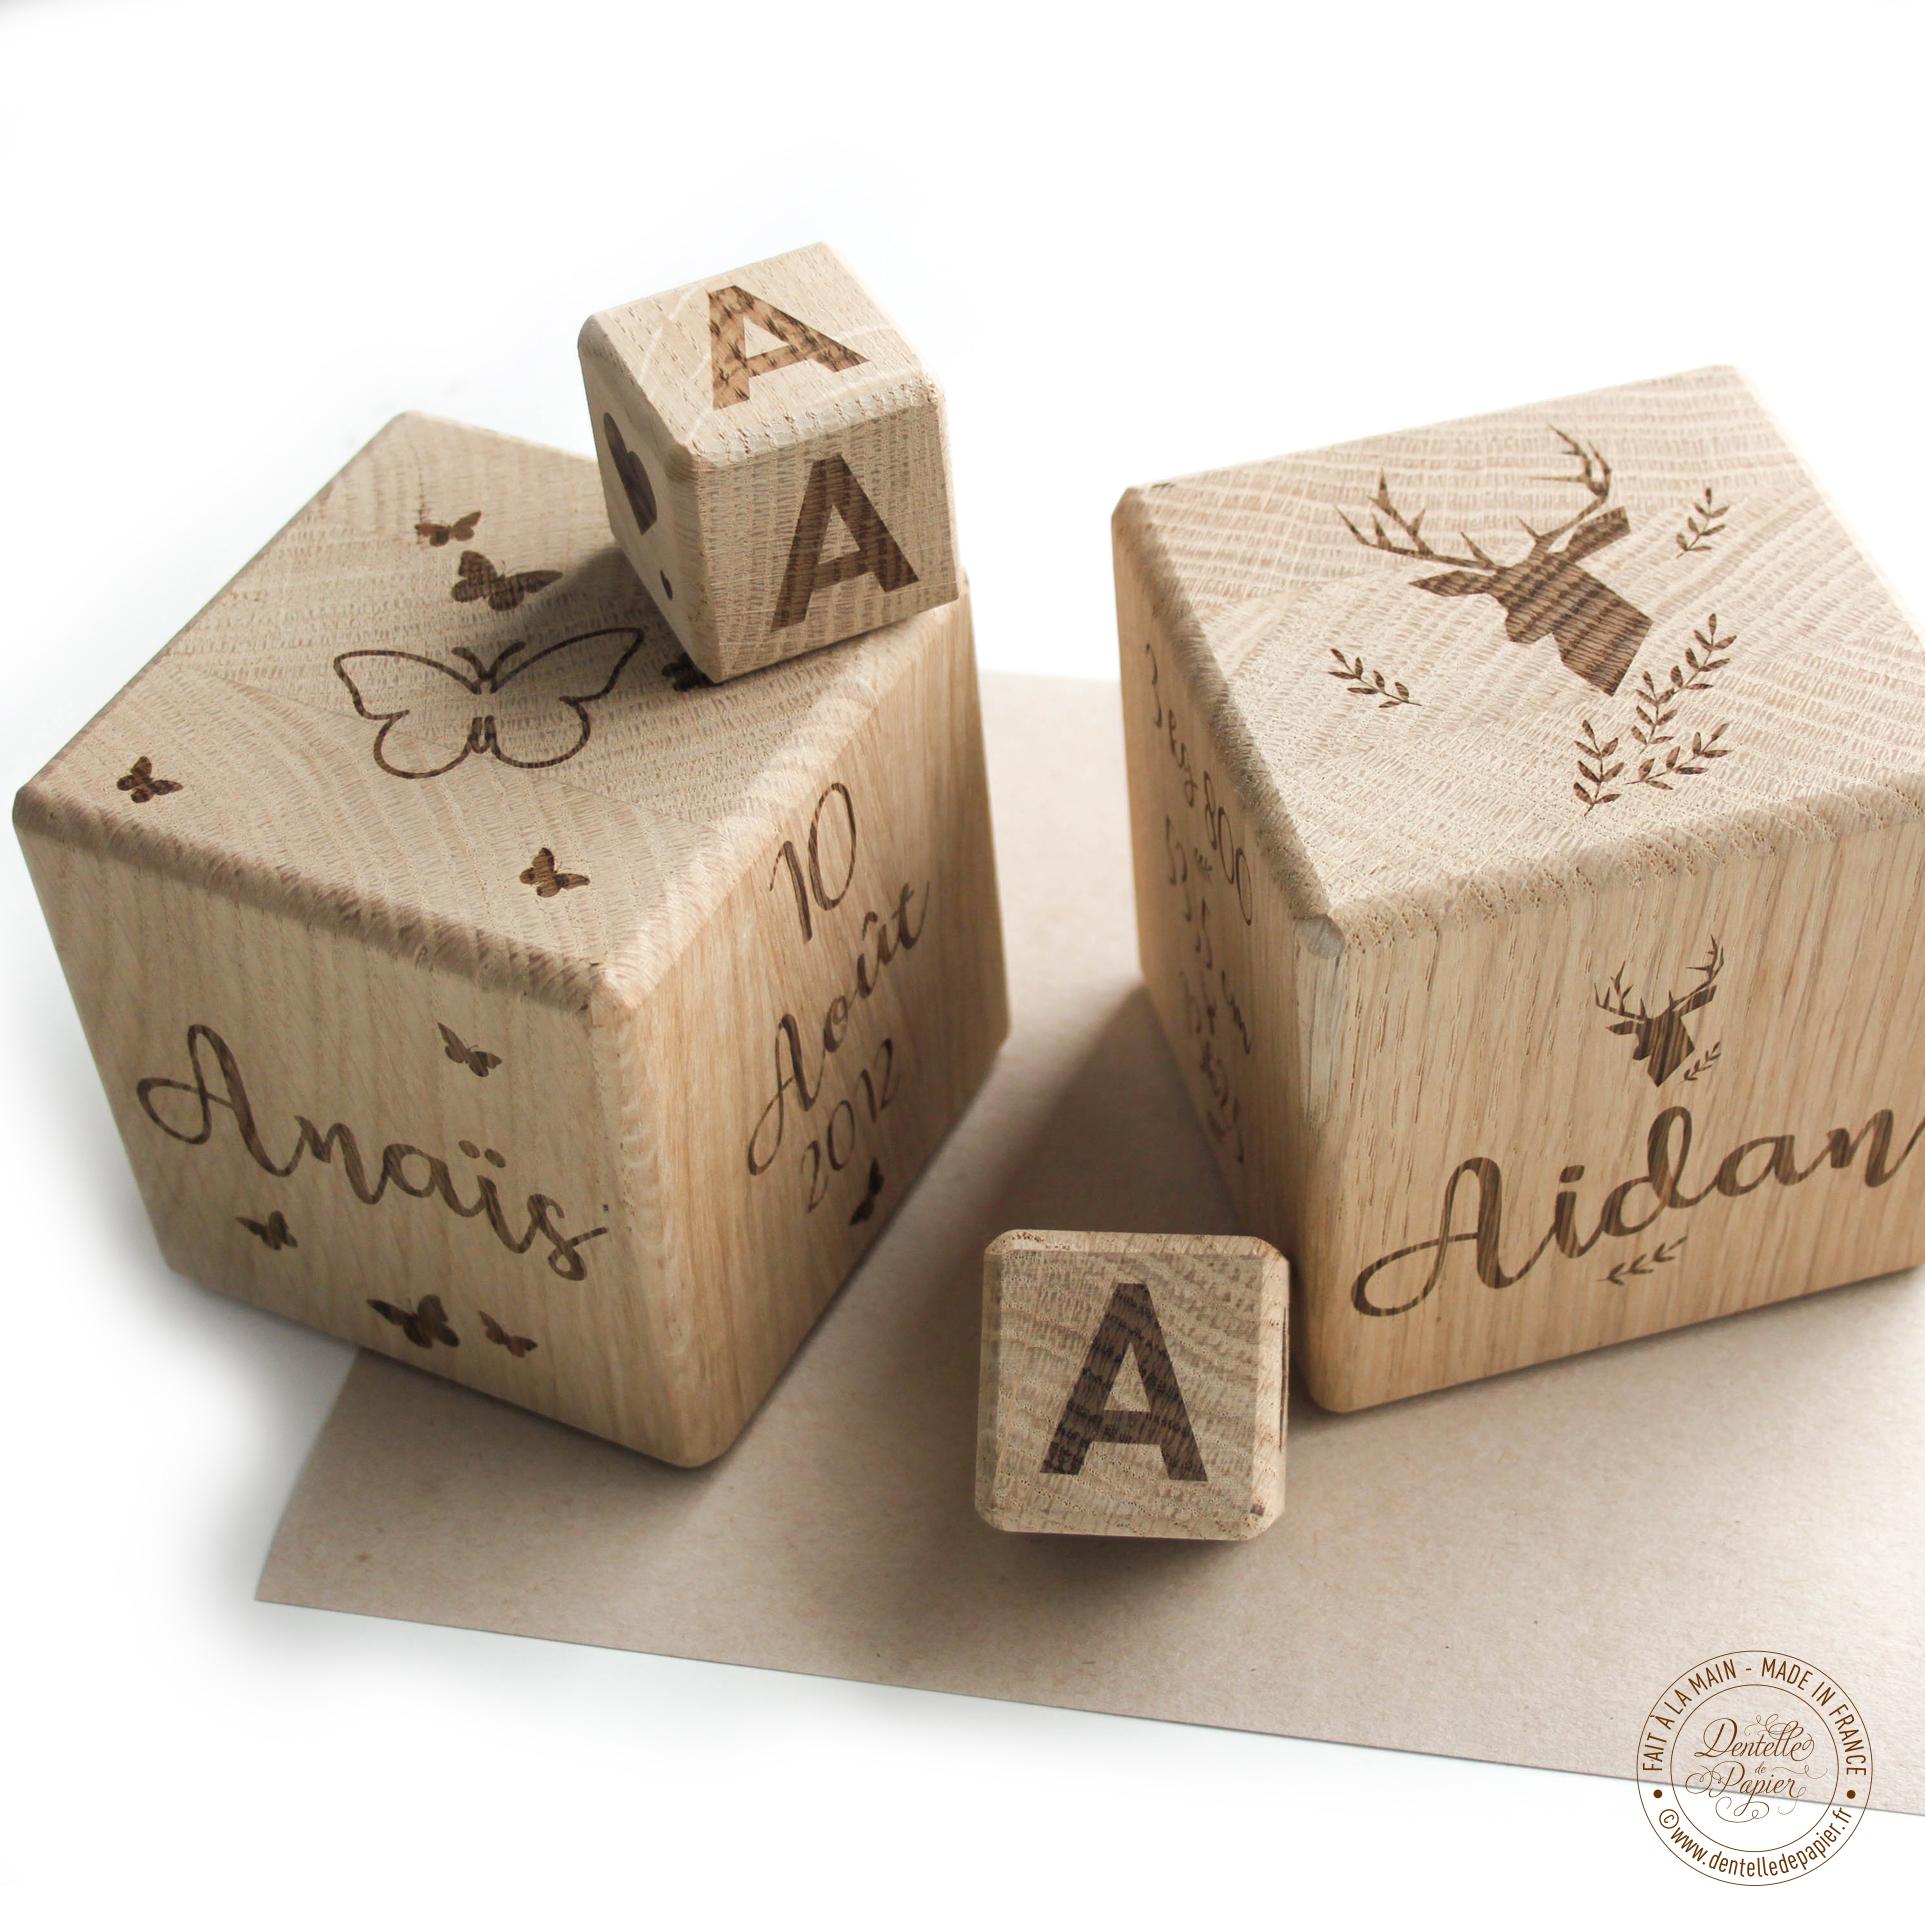 Lettre decorative en bois elegant lettre decorative pour - Lettre decorative en bois ...